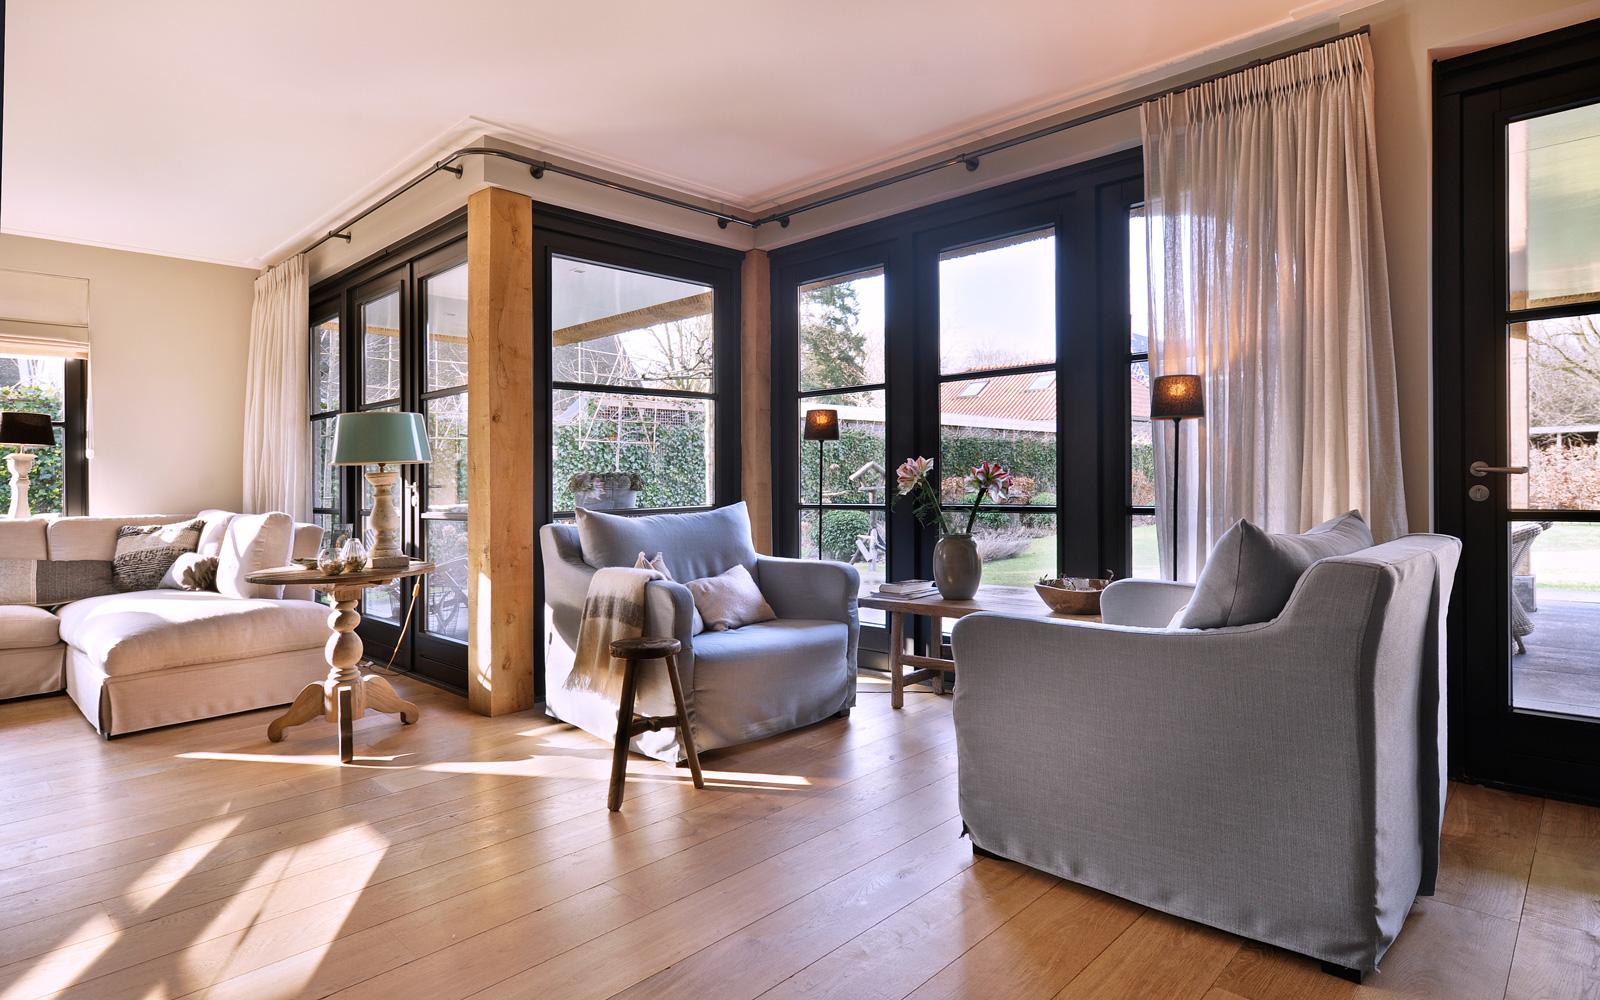 Leeflang Architectuur zorgde voor een ruime lichtinval in de woonkamer.